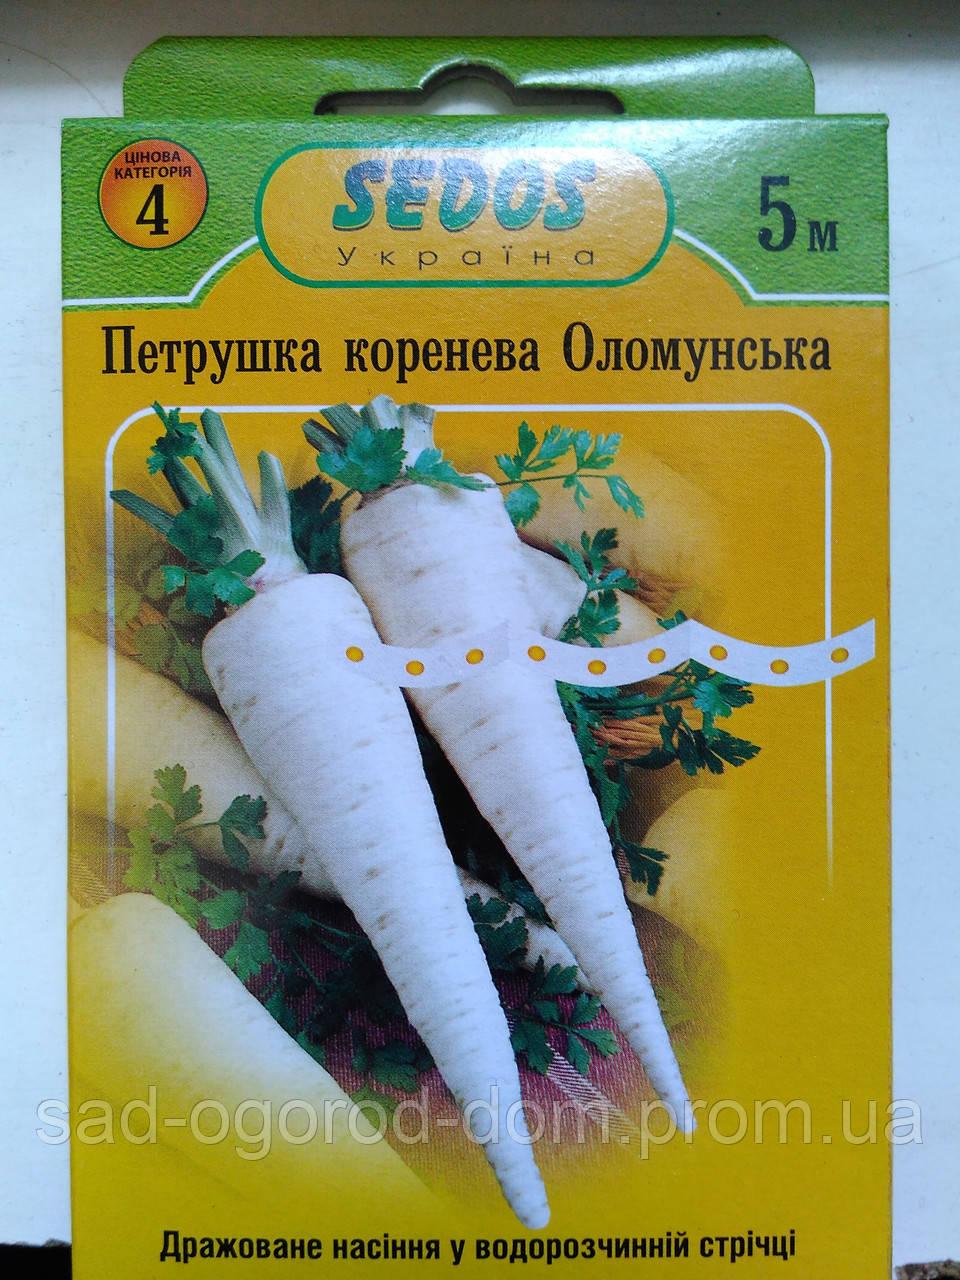 Петрушка корневая Оломунская 5 метров